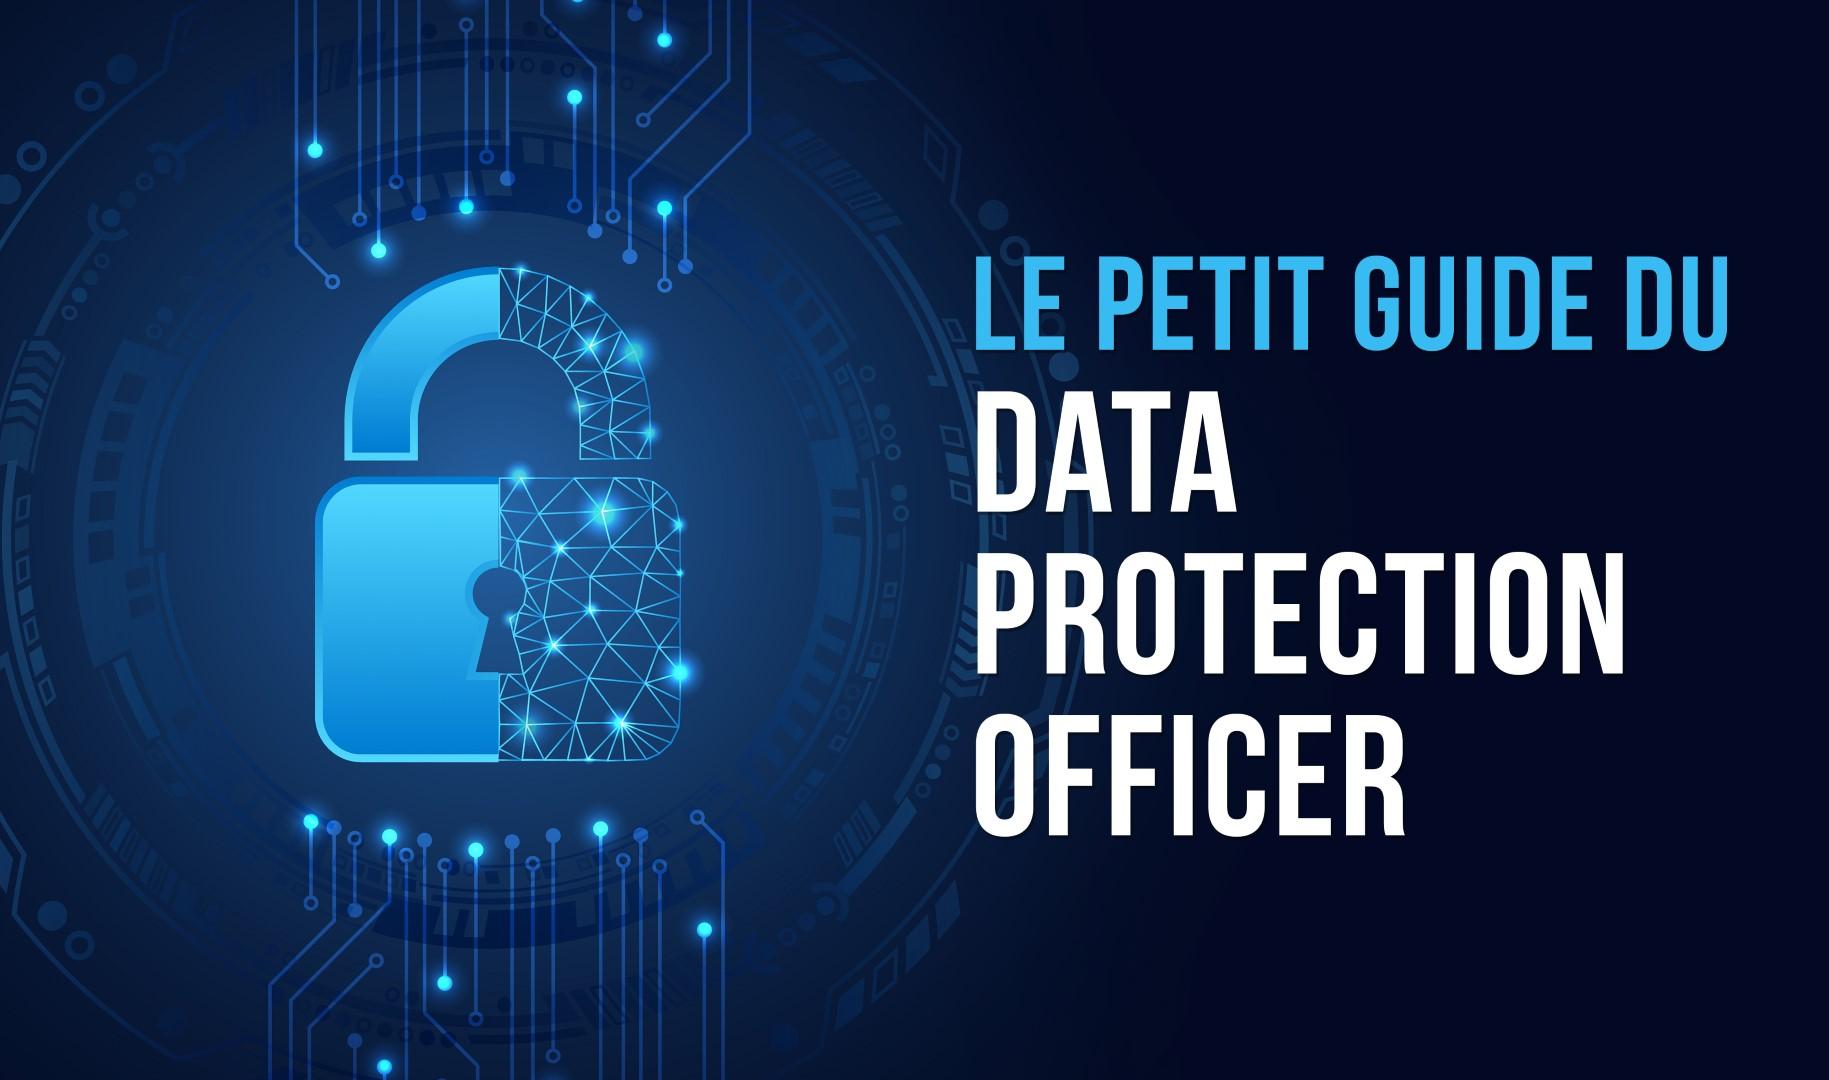 Guide pratique sur la protection des données à l'intention des entreprises